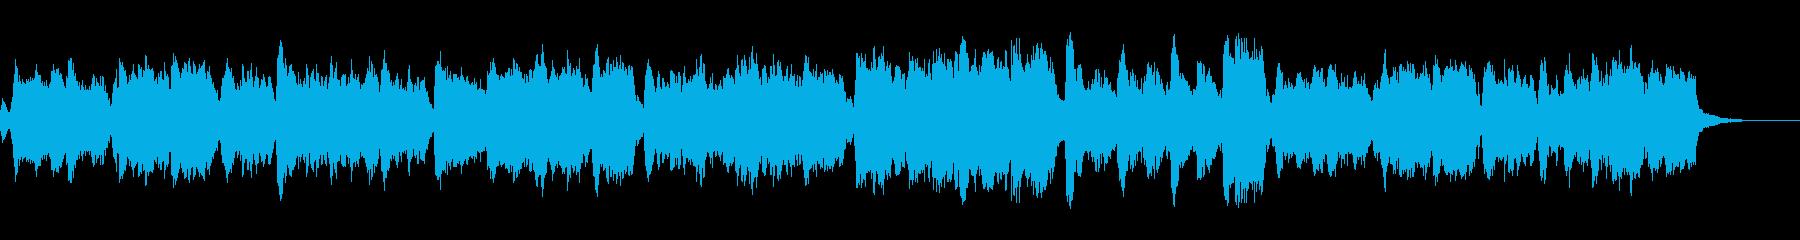 ハリウッド「短くて壮大」オーケストラfの再生済みの波形